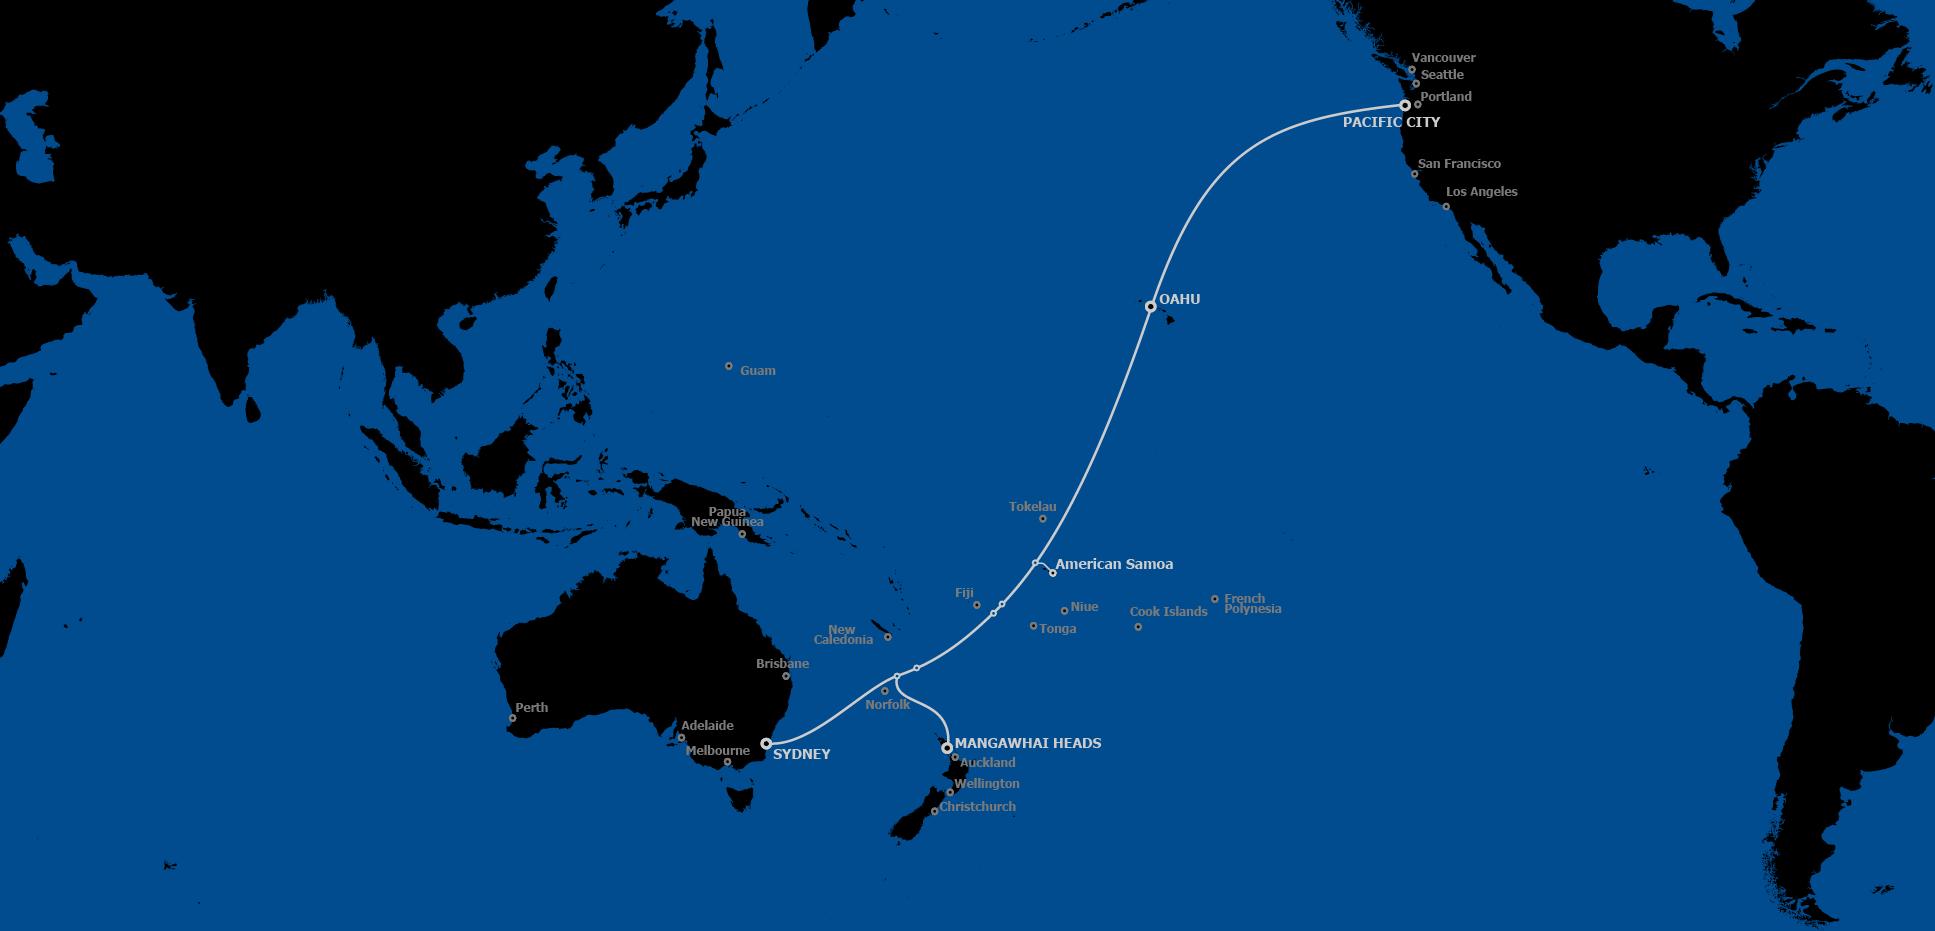 Un grand projet de câble est en cours dans le Pacifique sud, reliant la Nouvelle-Zélande et l'Australie aux États-Unis en passant par Hawaii. Plusieurs États et territoires du Pacifique y seront raccordées par d'autre câbles